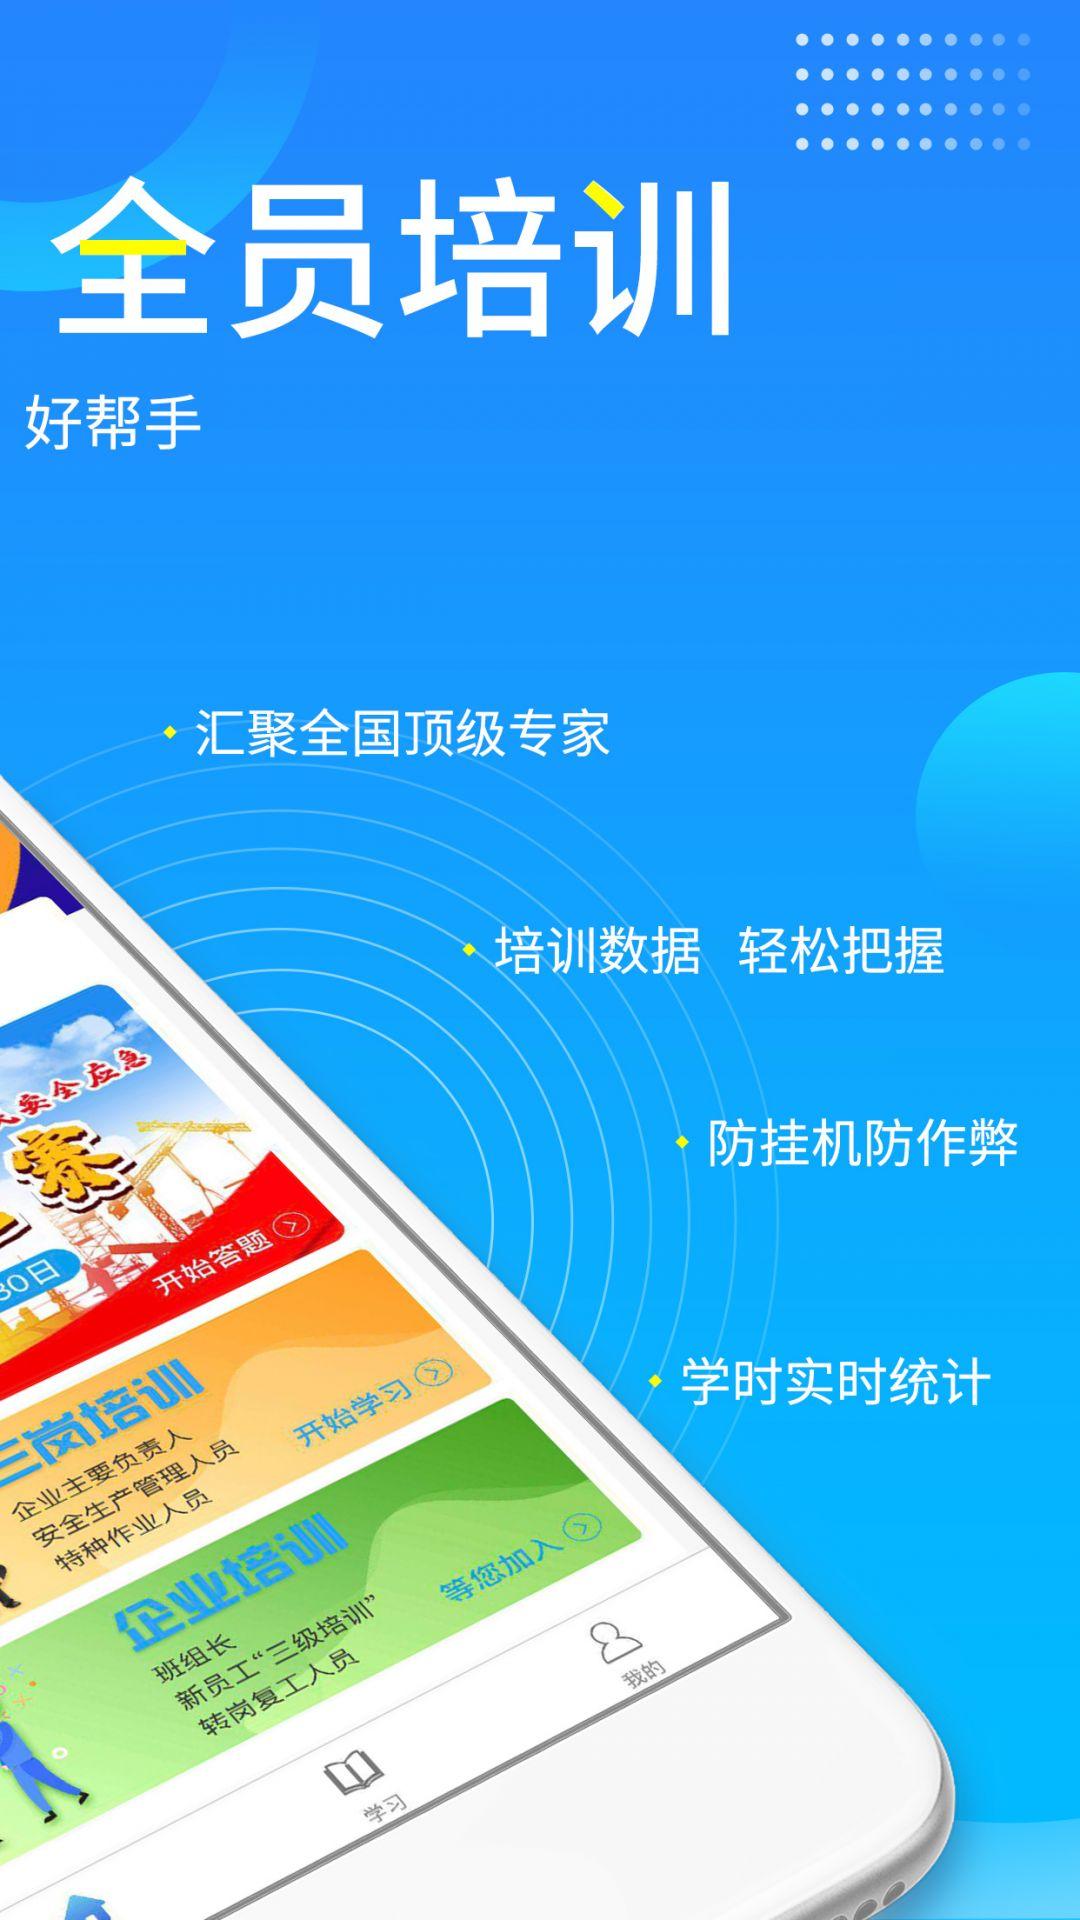 链工宝 在线教育培训平台手机软件app截图